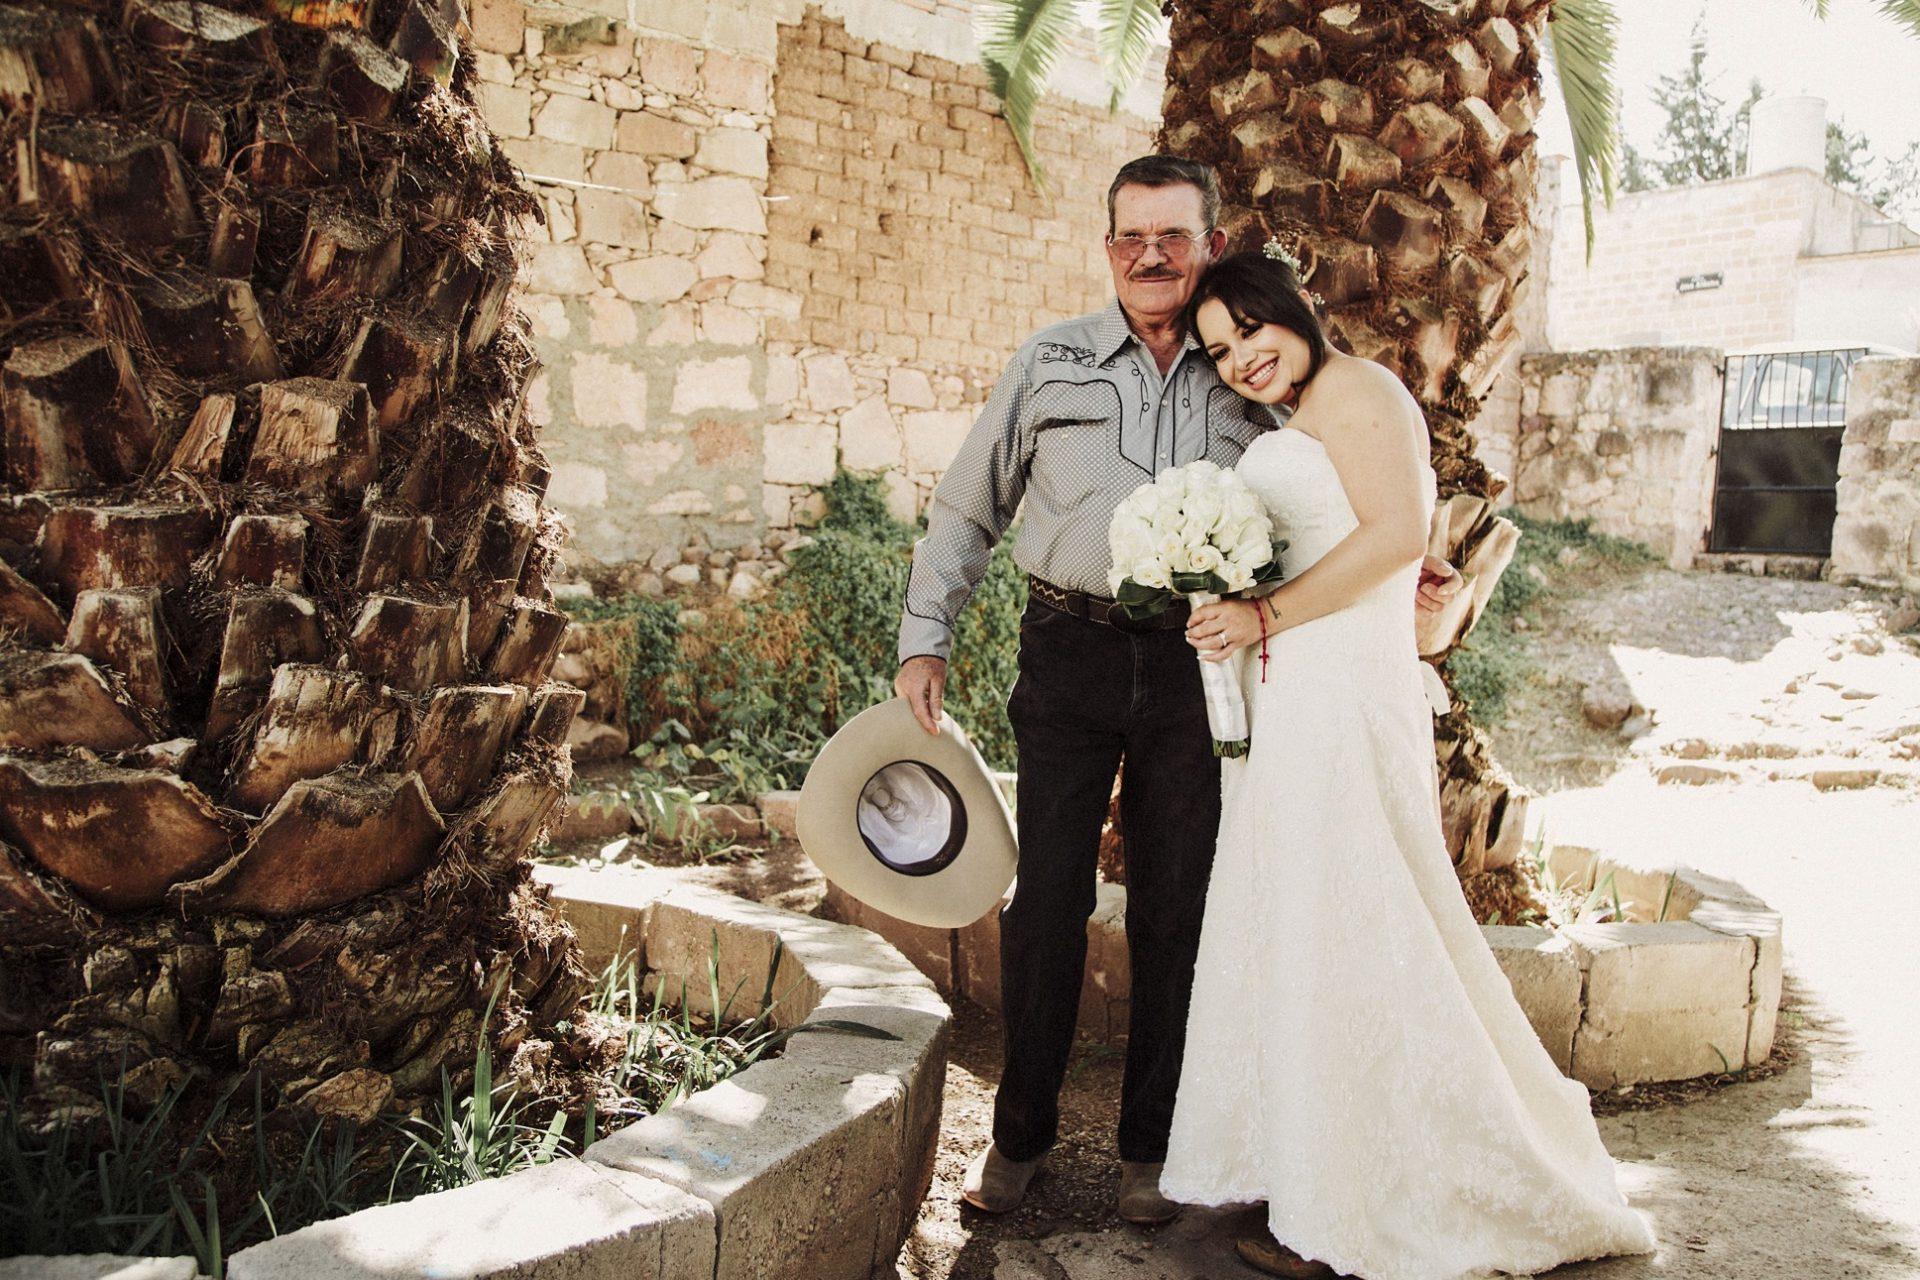 boda-jerez-charra-zacatecas--19